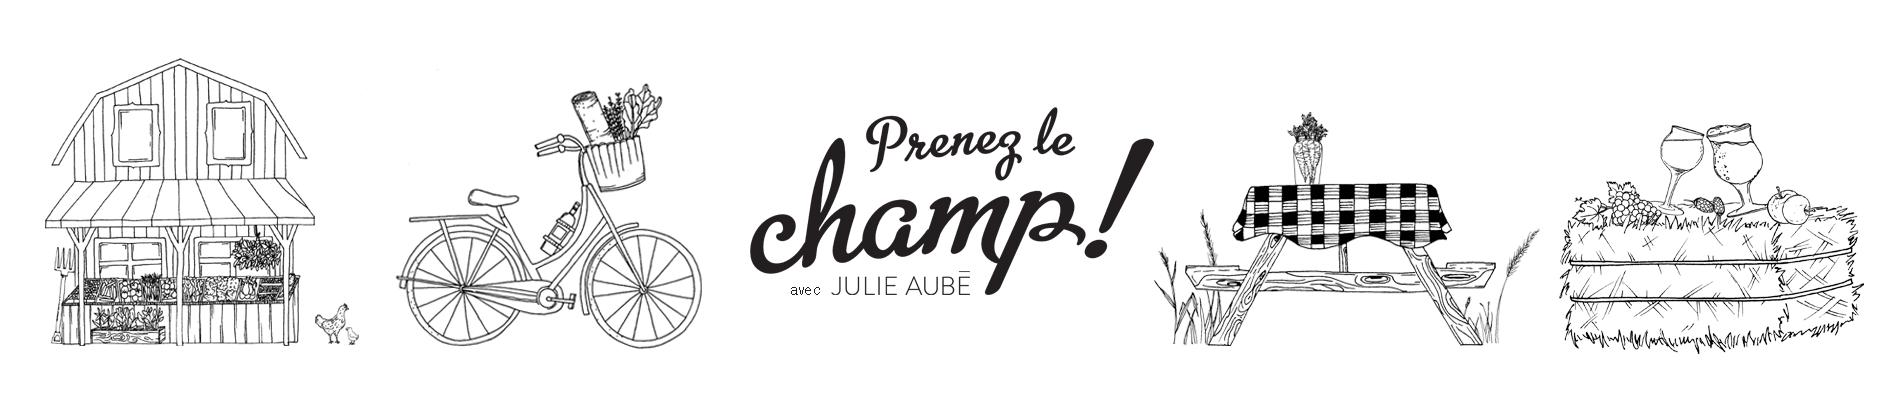 Événements Prenez le champ - Julie Aubé